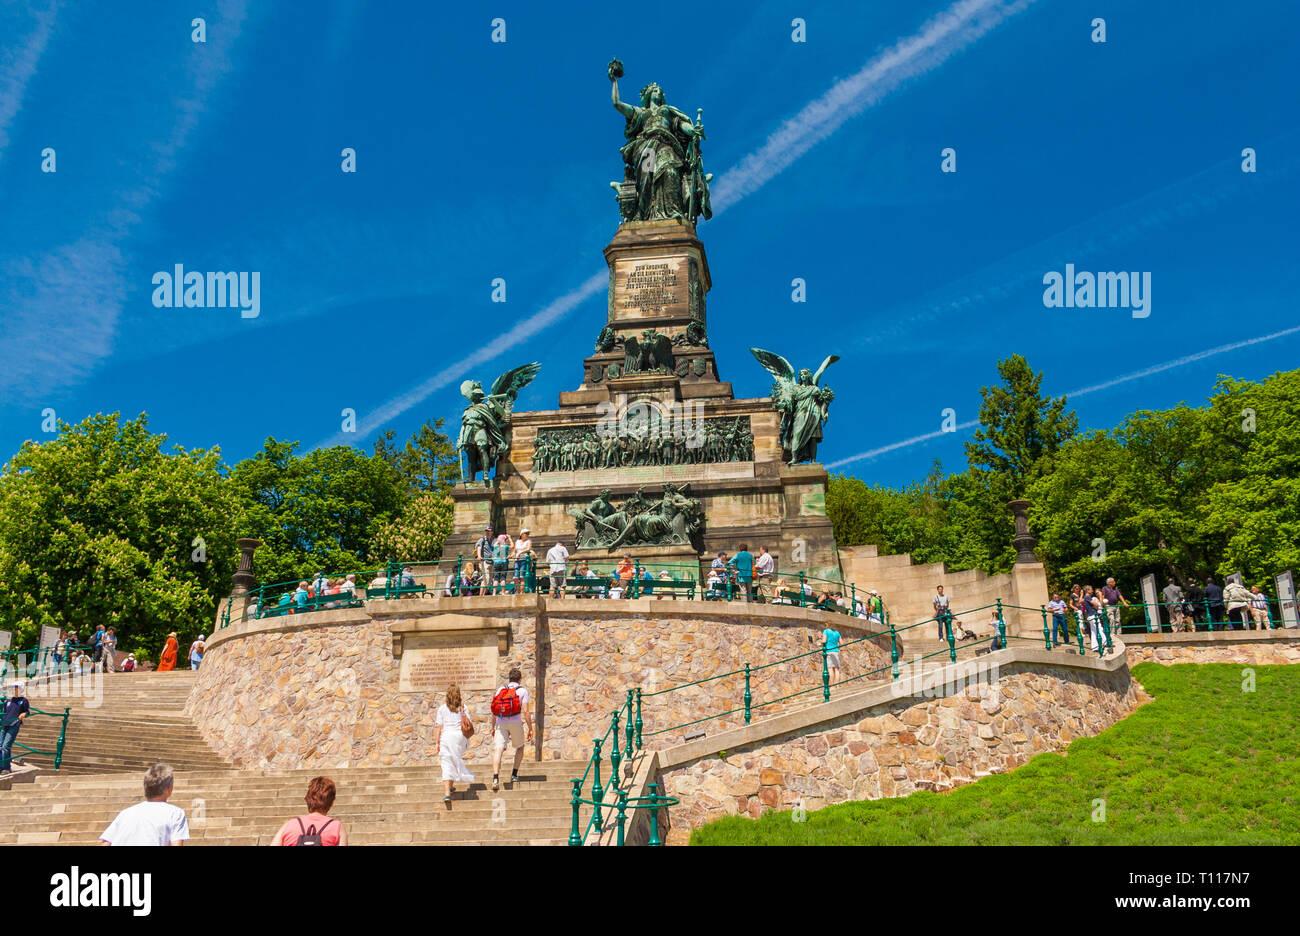 Bellissima vista del monumento Niederwalddenkmal in Germania. Ai turisti di ammirare le alte Germania scultura e il grande rilievo al di sotto di esso su un incantevole... Immagini Stock